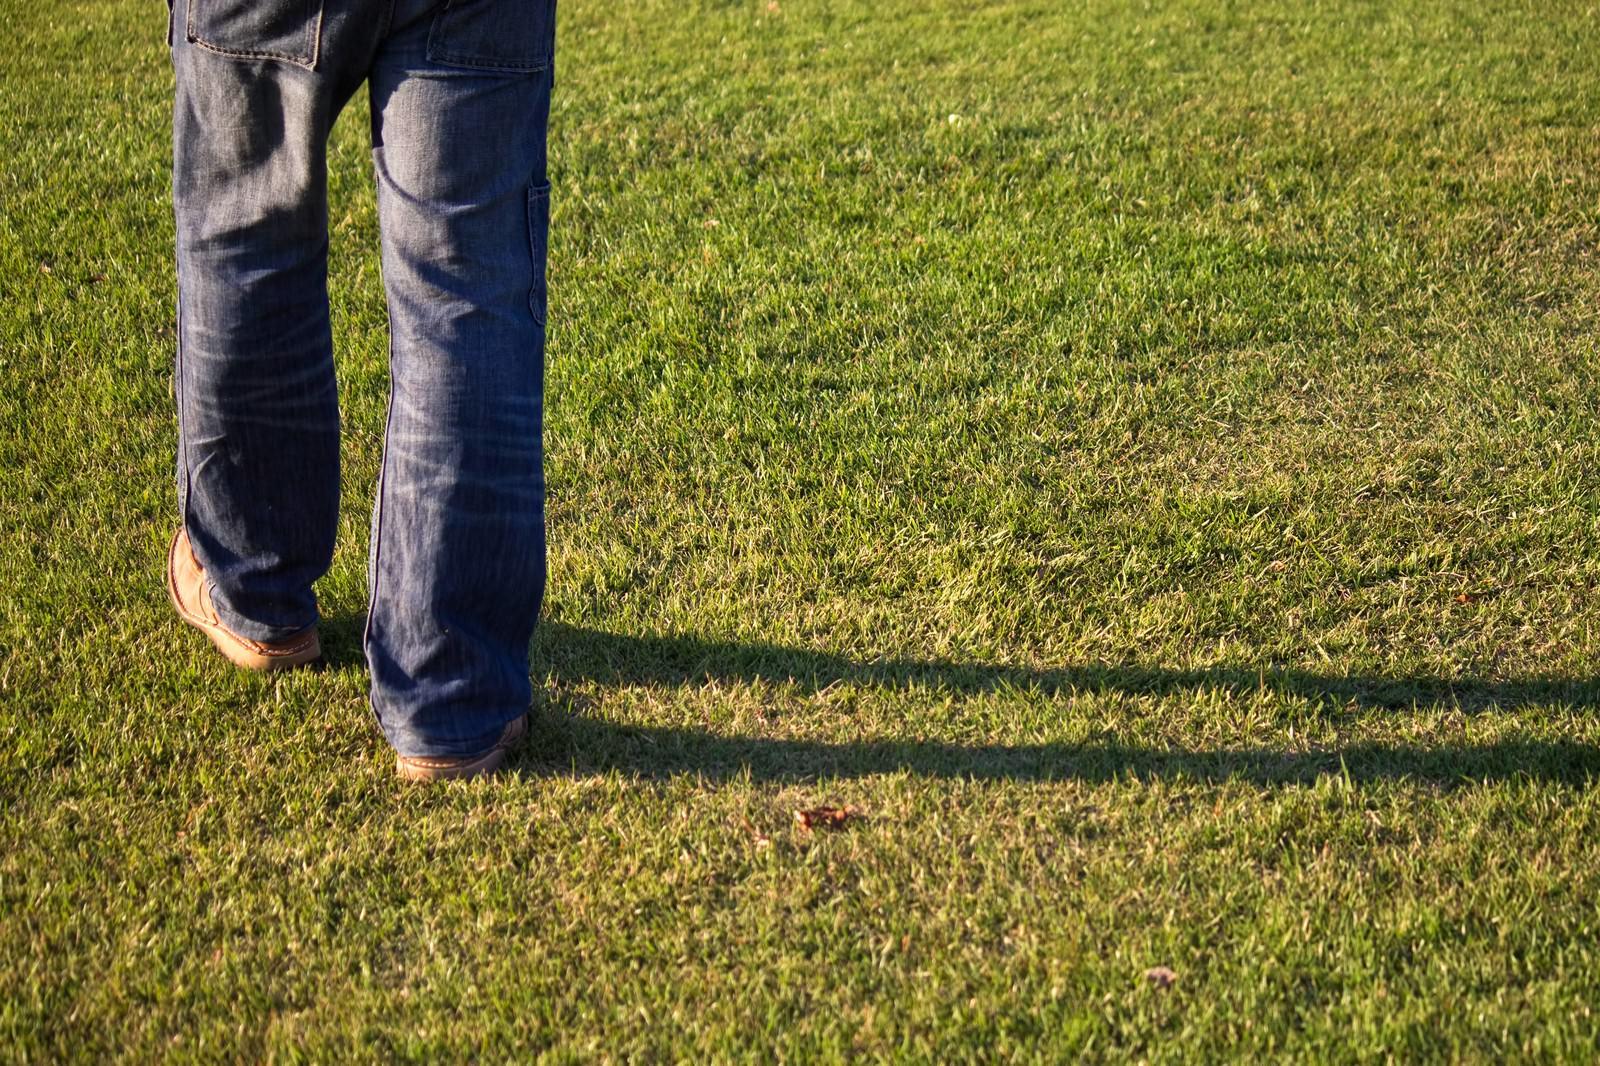 「秋の芝生と足元の影」の写真